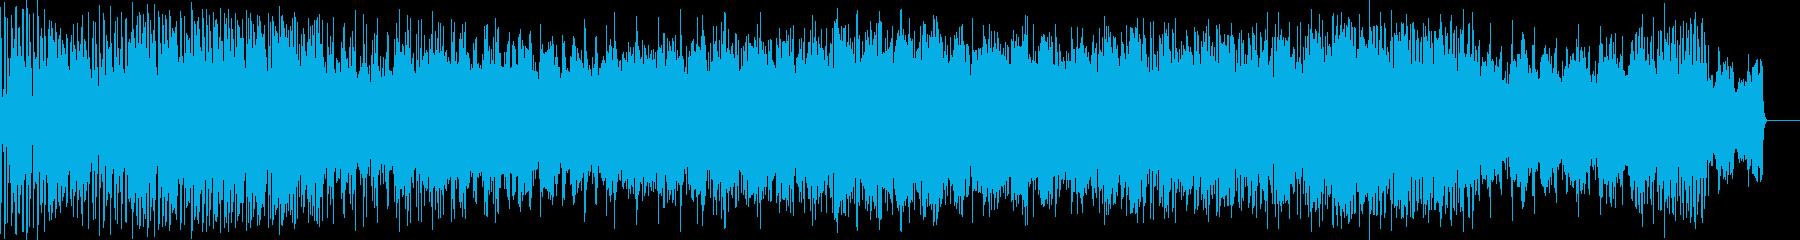 ダウンテンポにノイズを絡ませた曲 かっ…の再生済みの波形